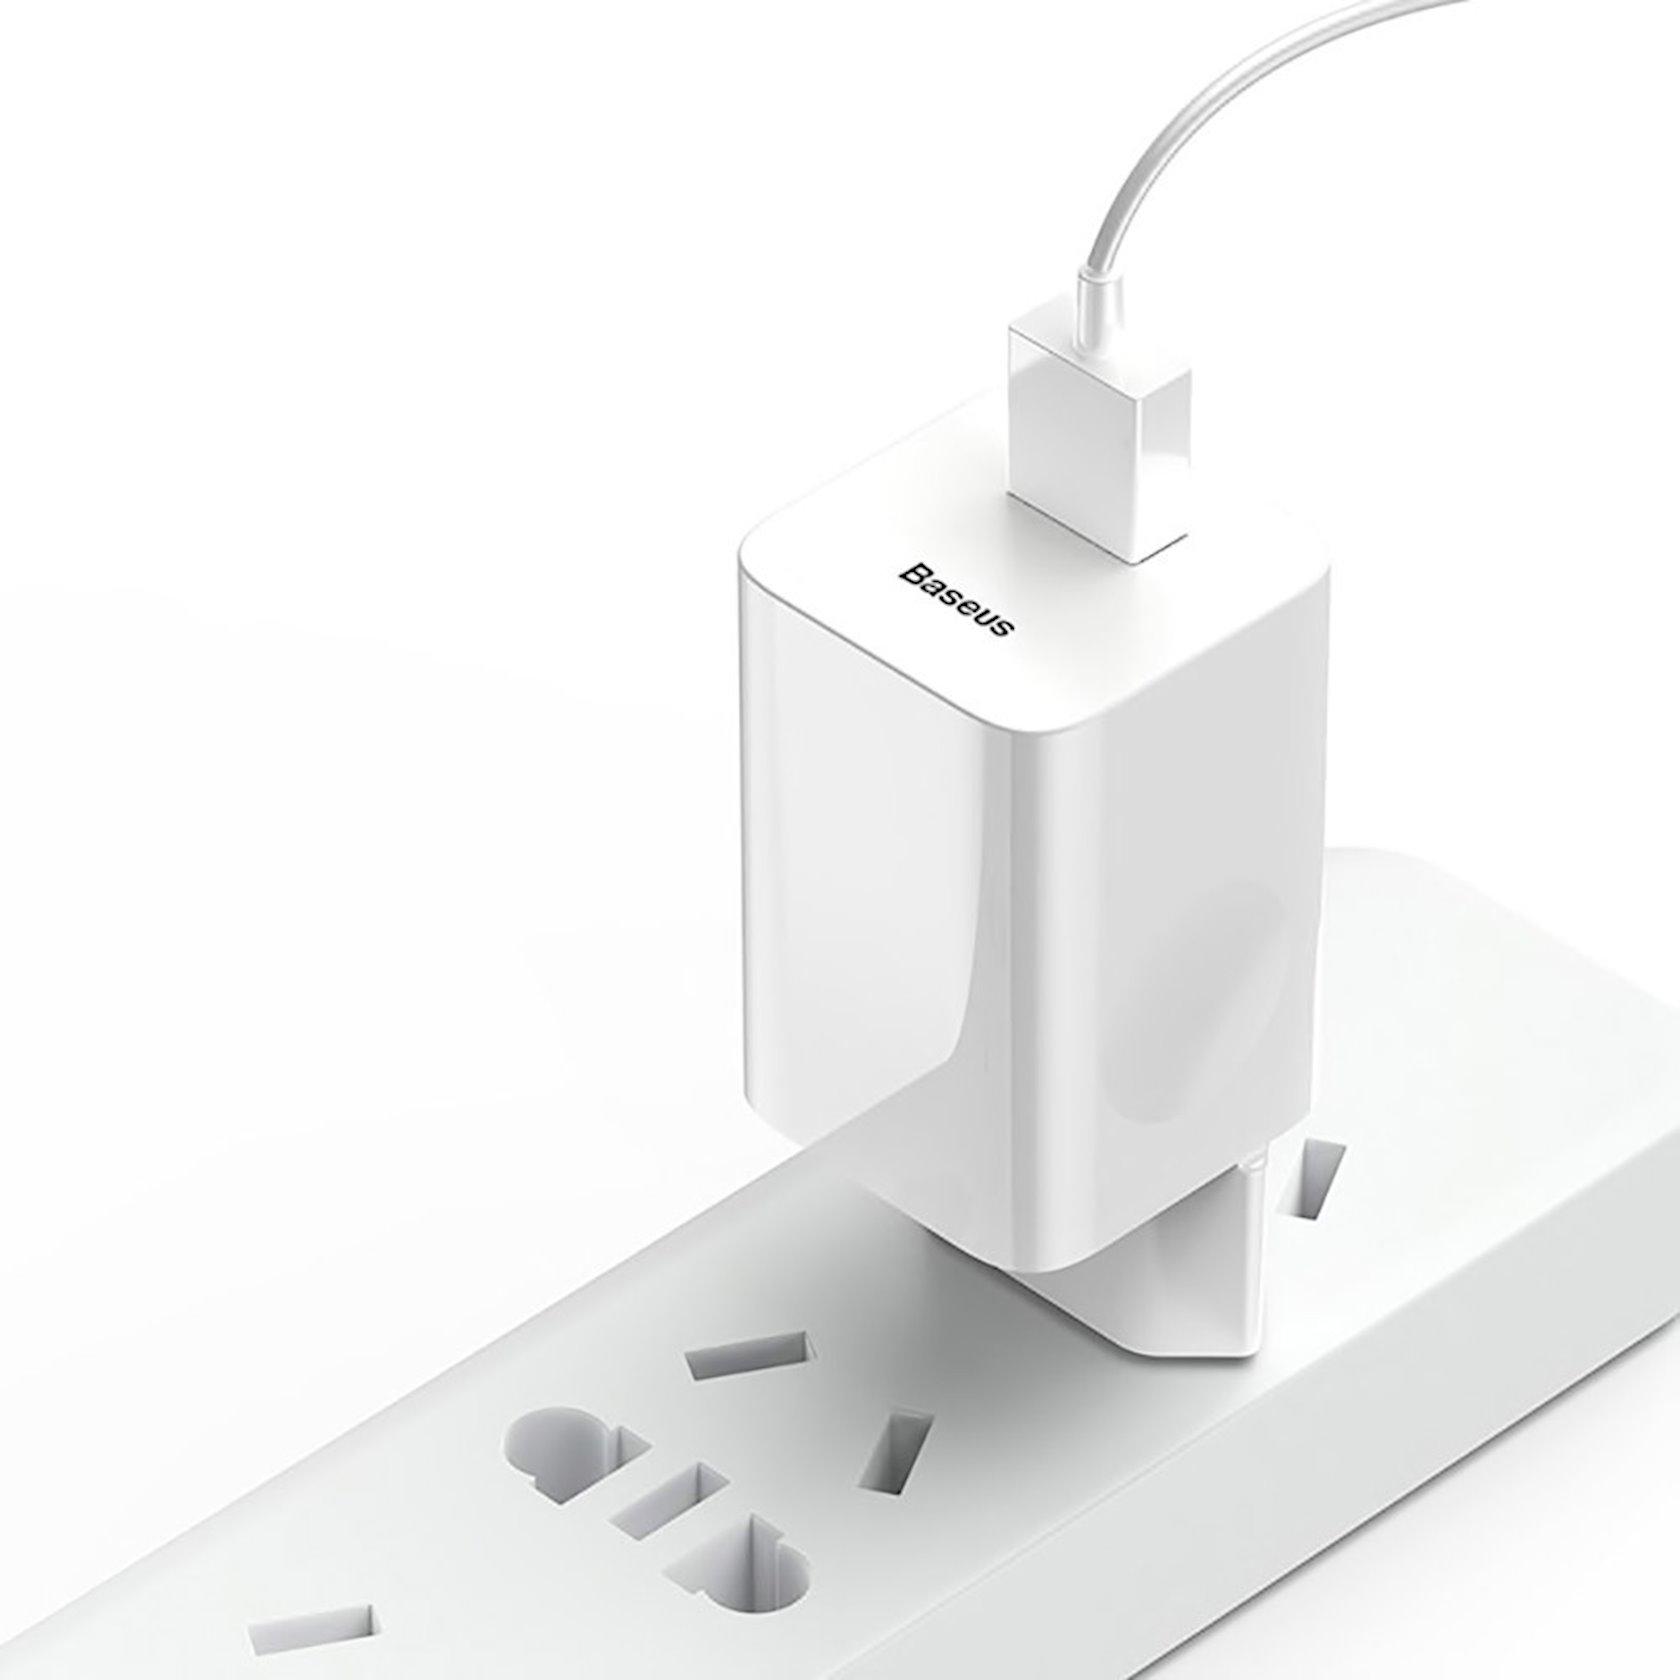 Şəbəkə enerji toplama cihazı Baseus White CCALL-BX02